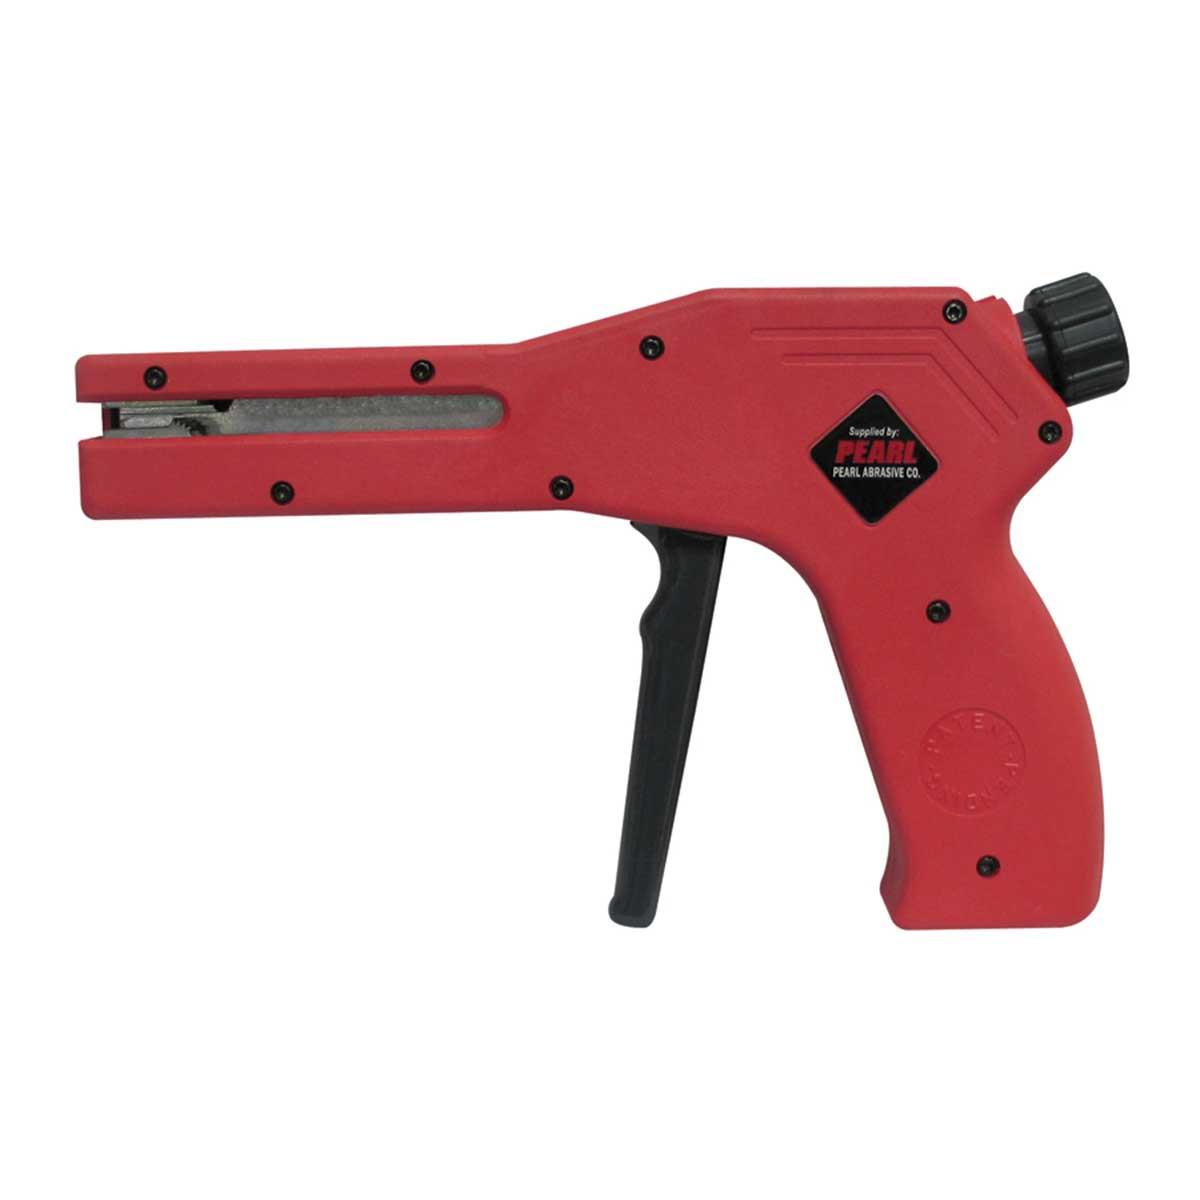 tuscan leveling system ergonomic performance gun